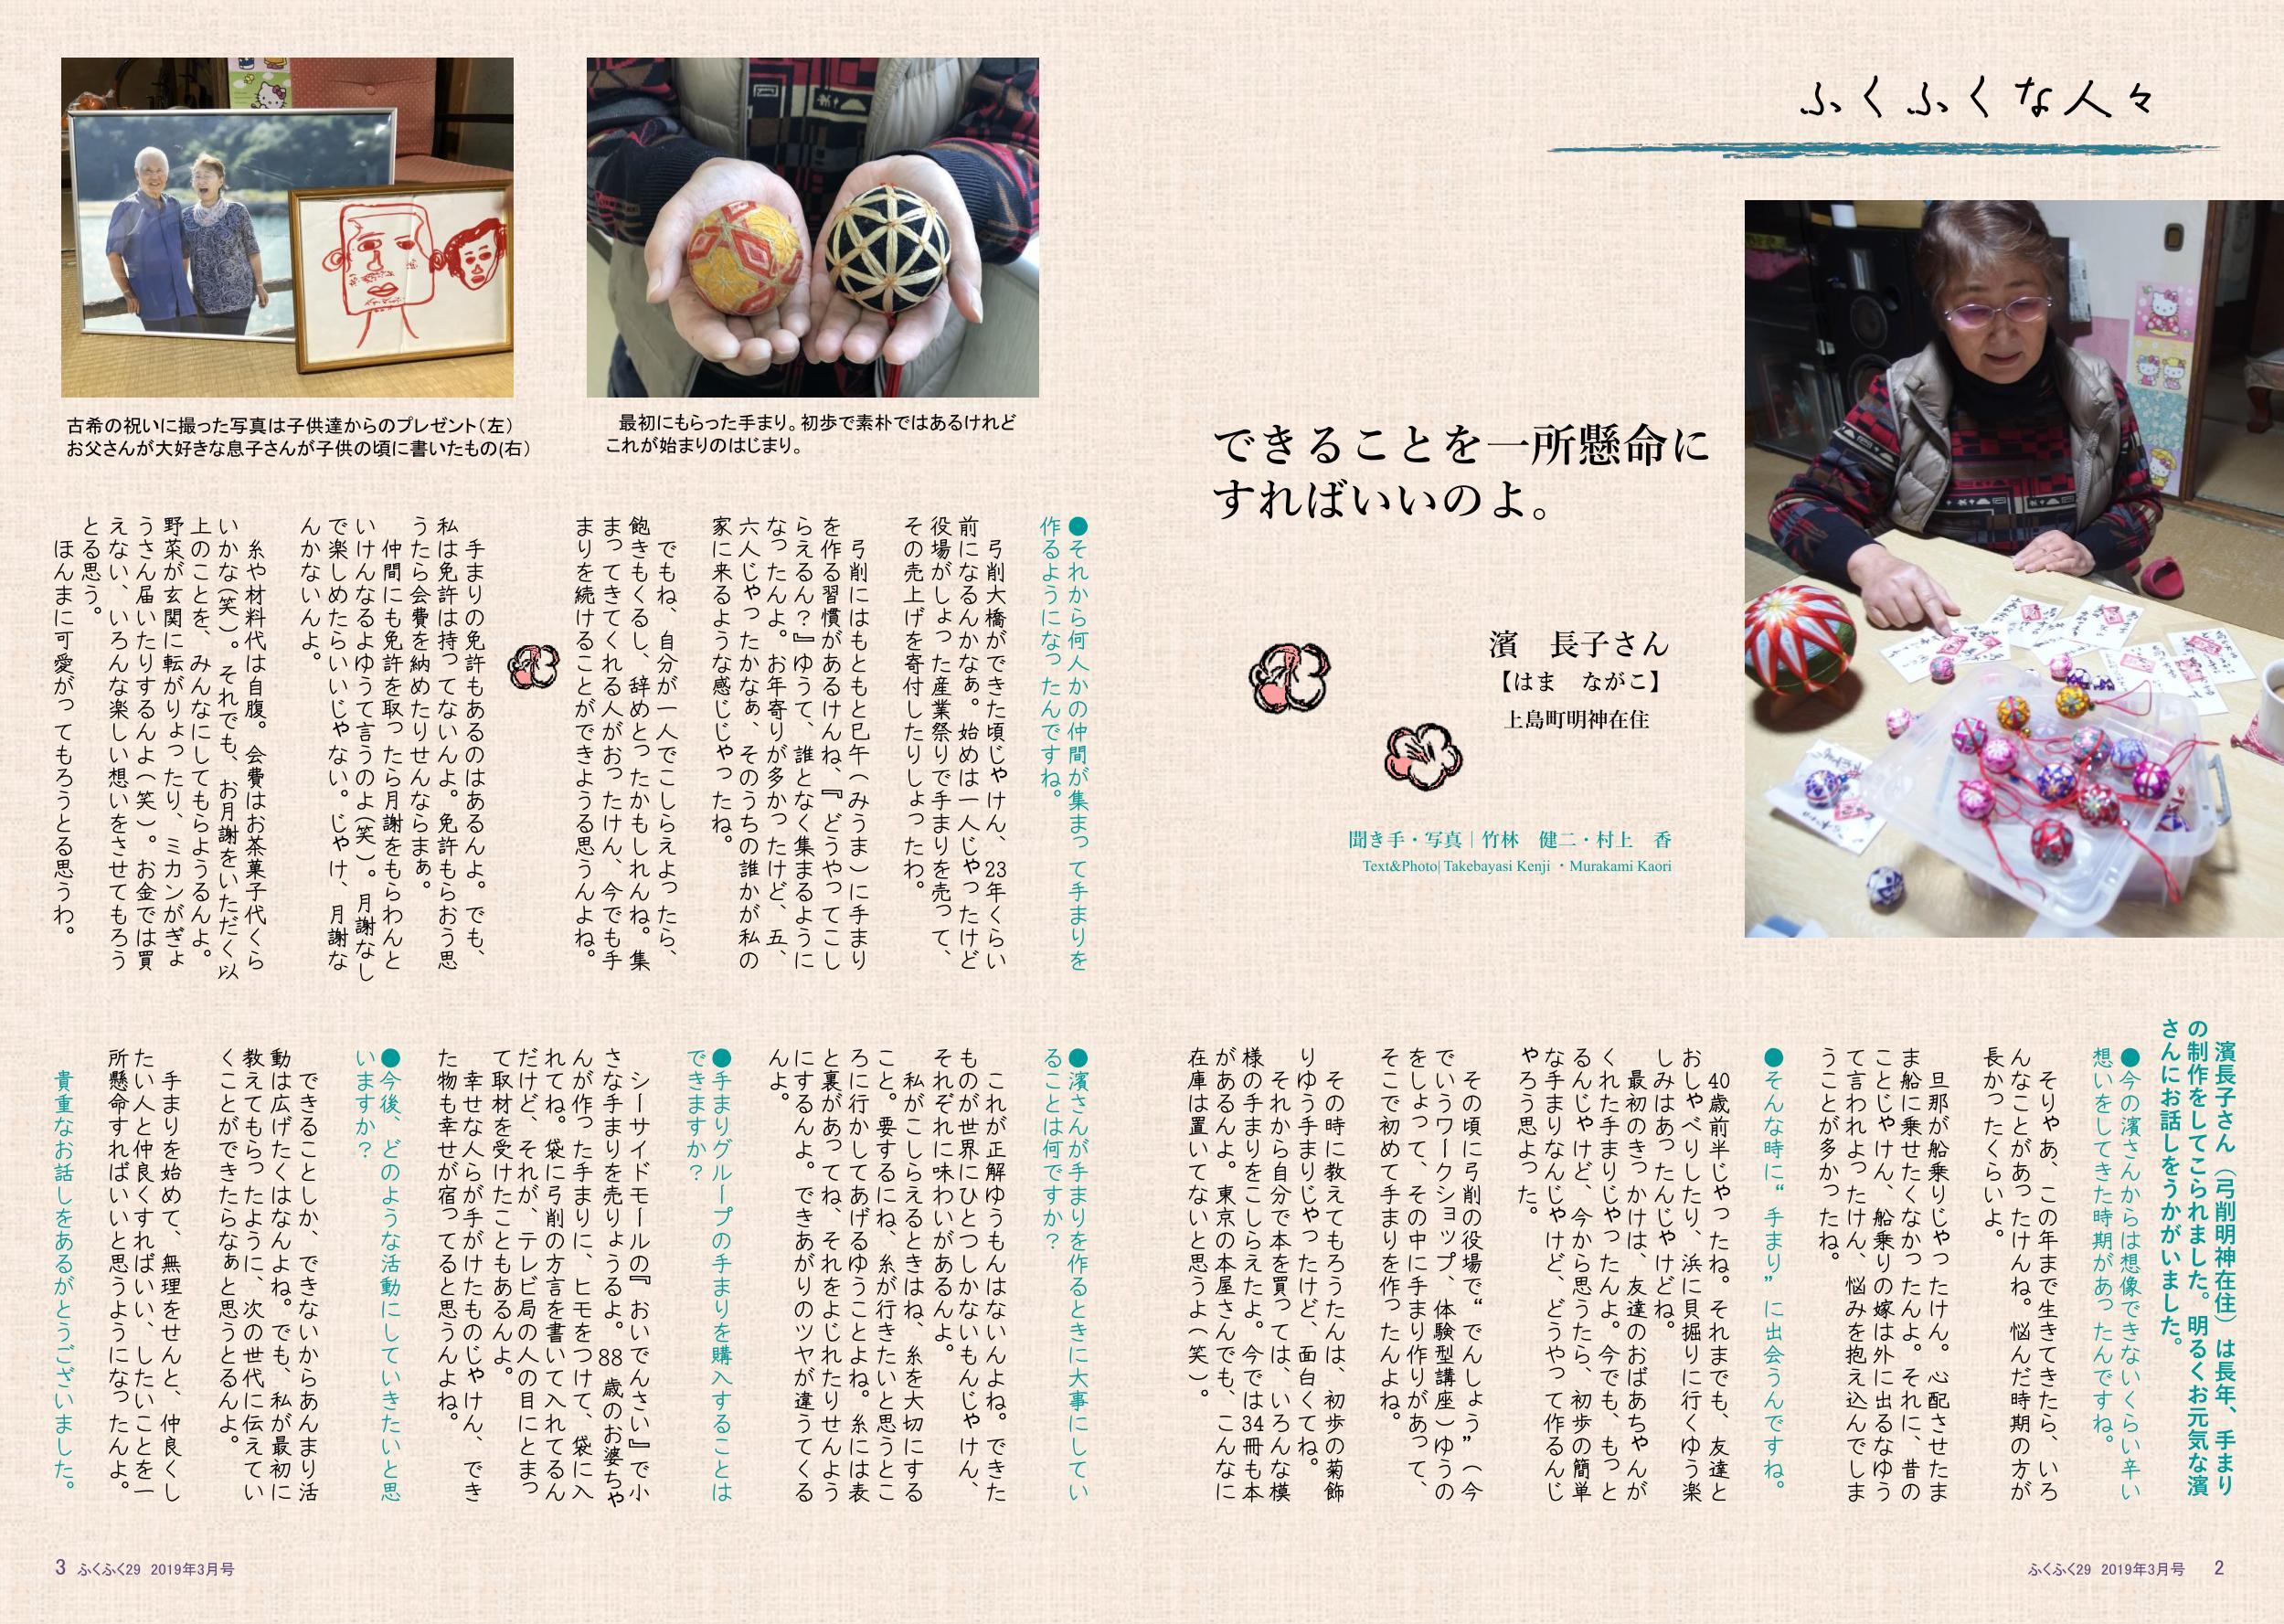 http://fukufukunokai.com/newsletter/images/%E3%81%B5%E3%81%8F%E3%81%B5%E3%81%8F29%E3%80%802019%E3%80%803%E6%9C%88%E5%8F%B7%28PDF%29_cropped_2.jpeg